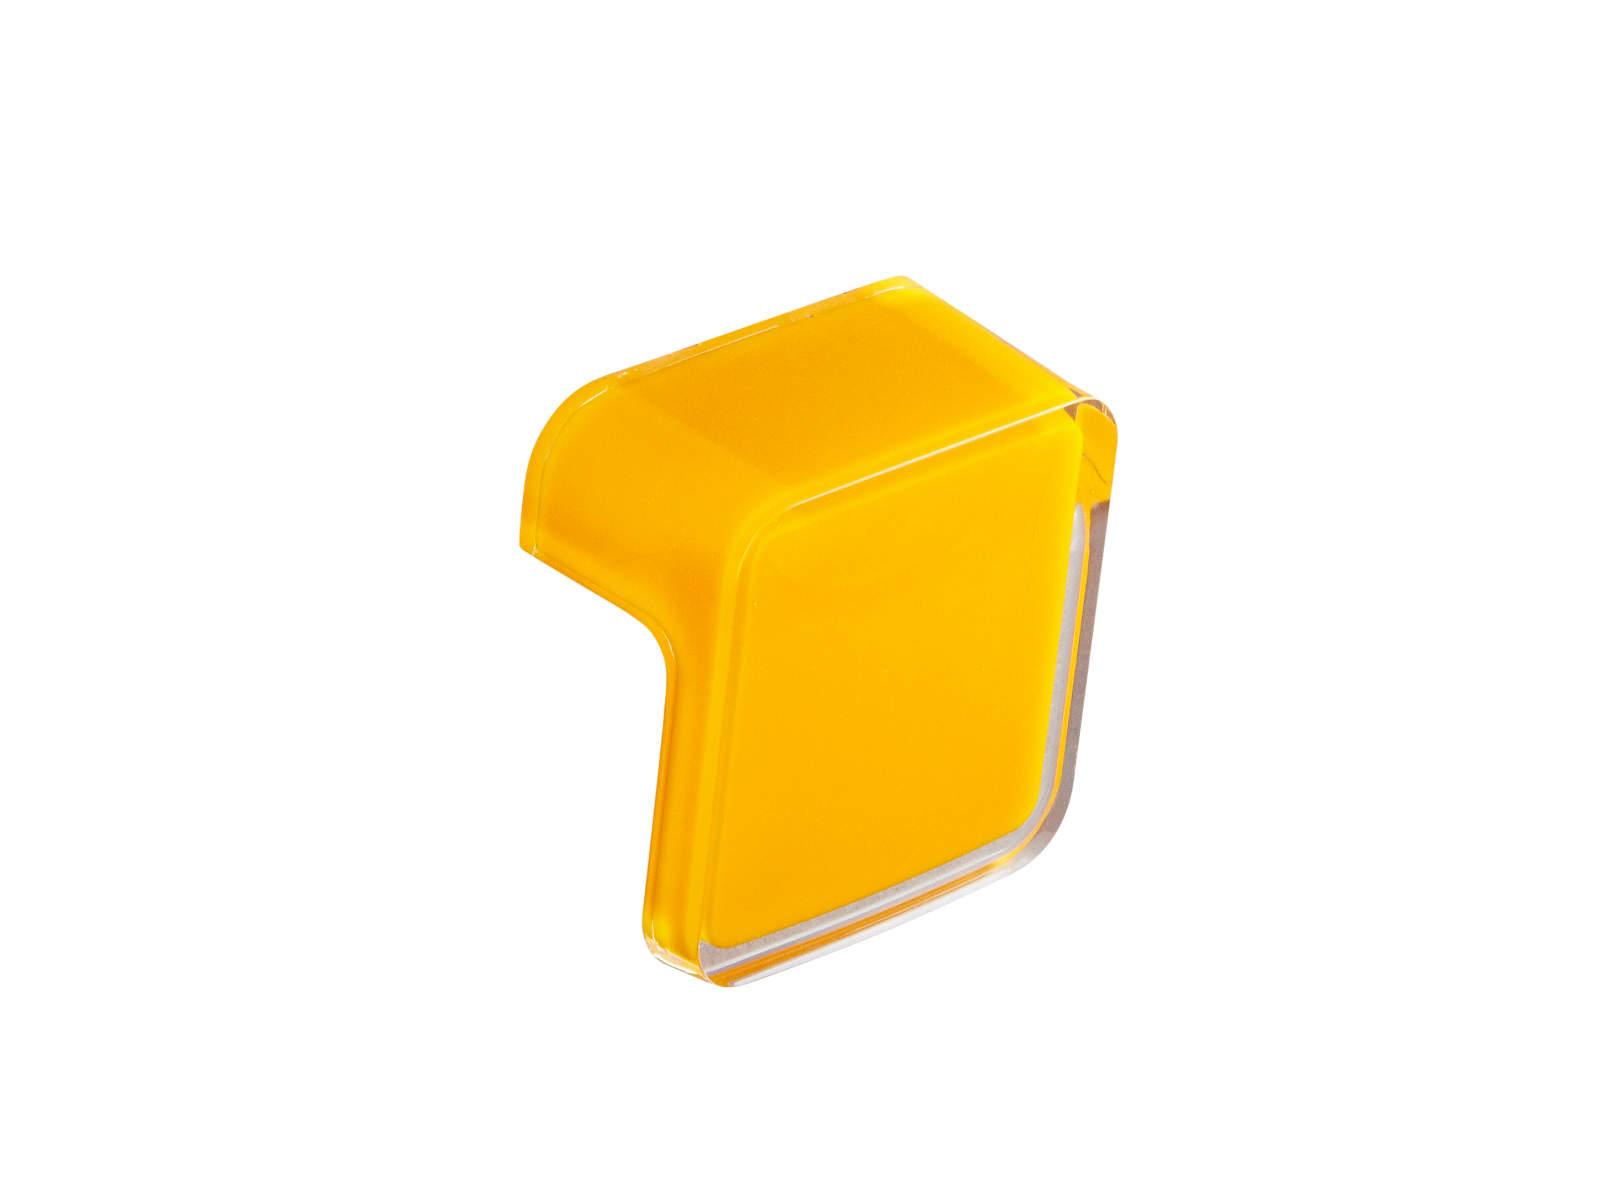 bolita-orange-knob-3